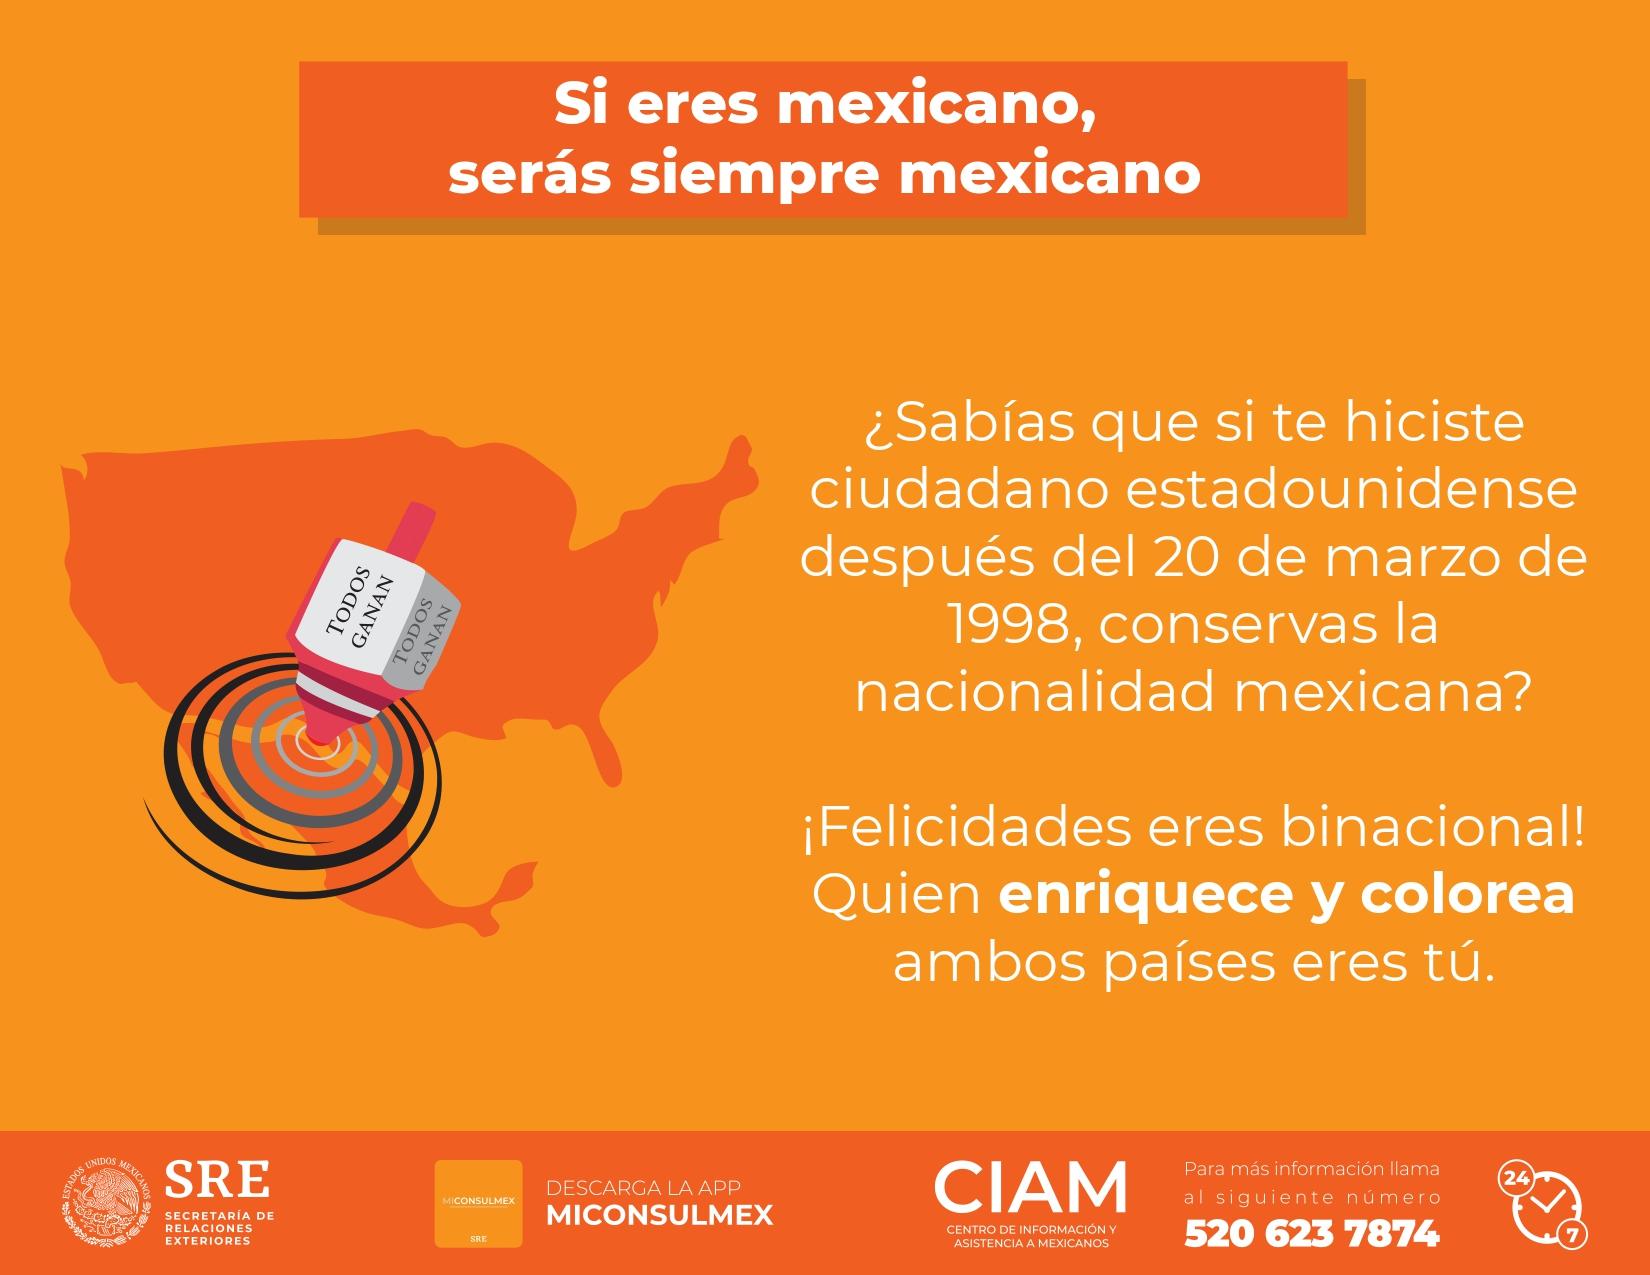 Doble Ciudadania Centro De Informacion Y Asistencia A Mexicanos Gobierno Gob Mx